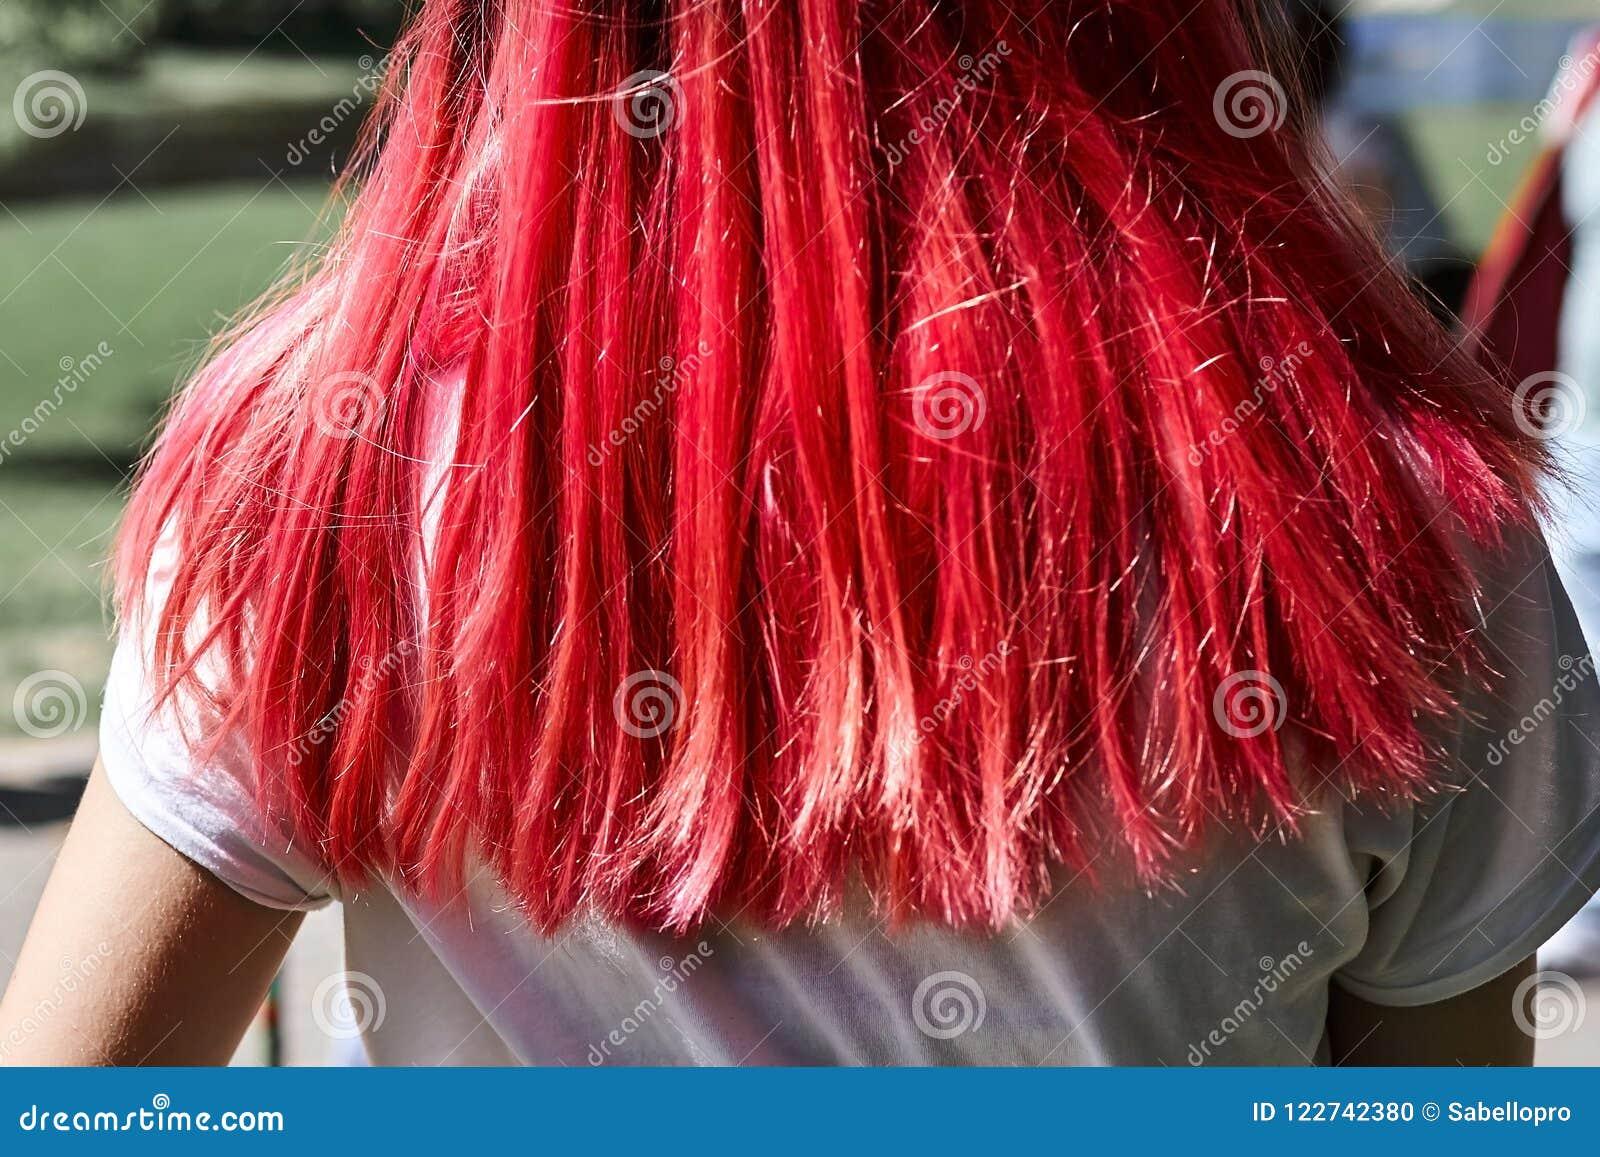 Цвет волос женщины яркий розовый